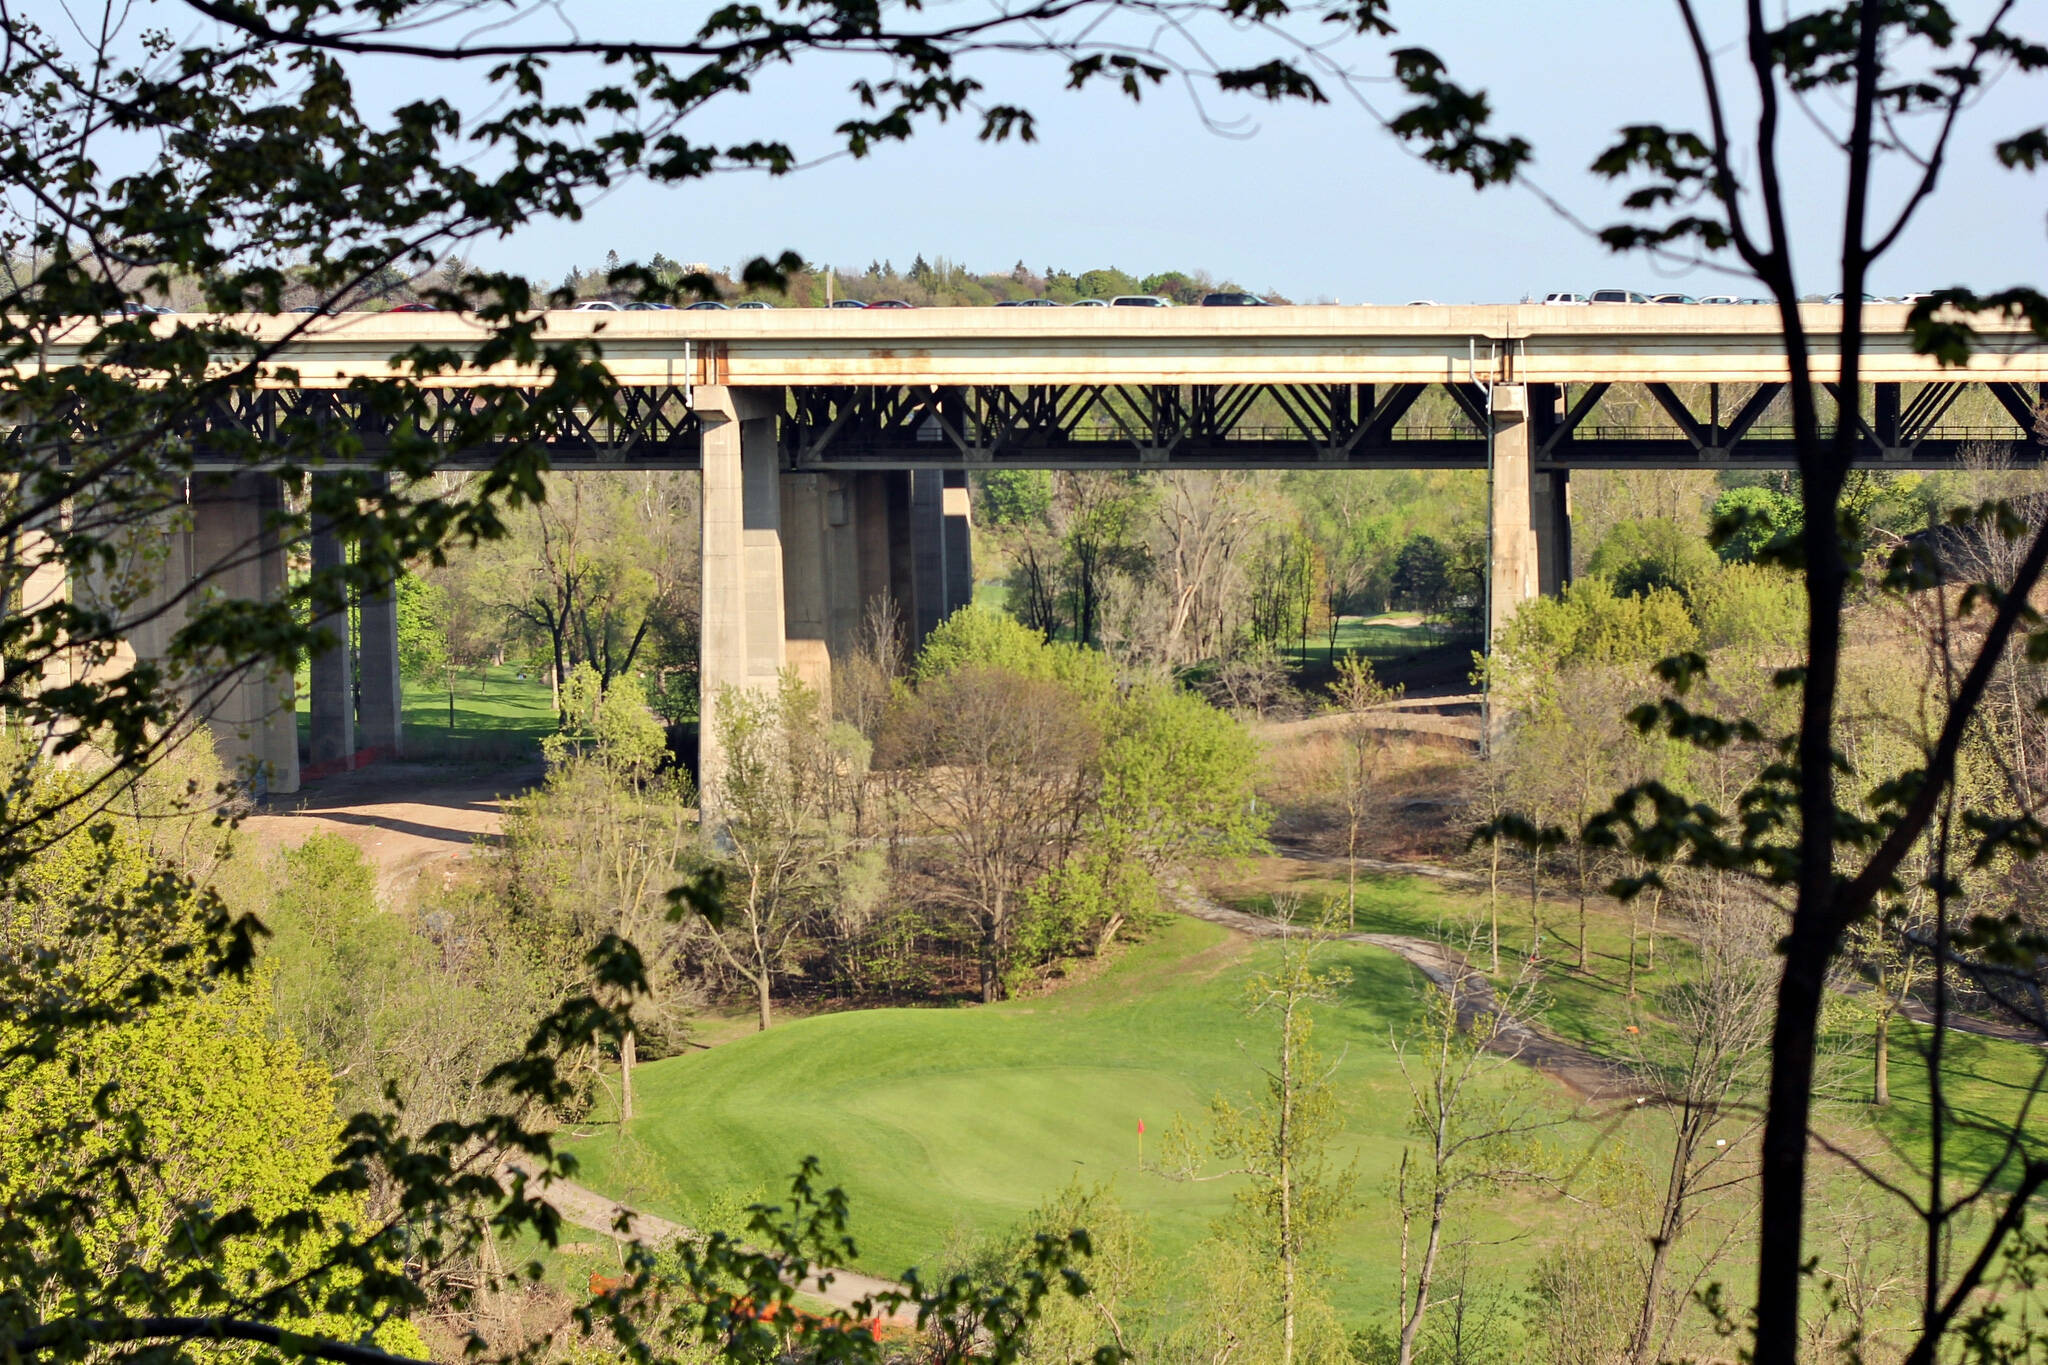 toronto public golf course